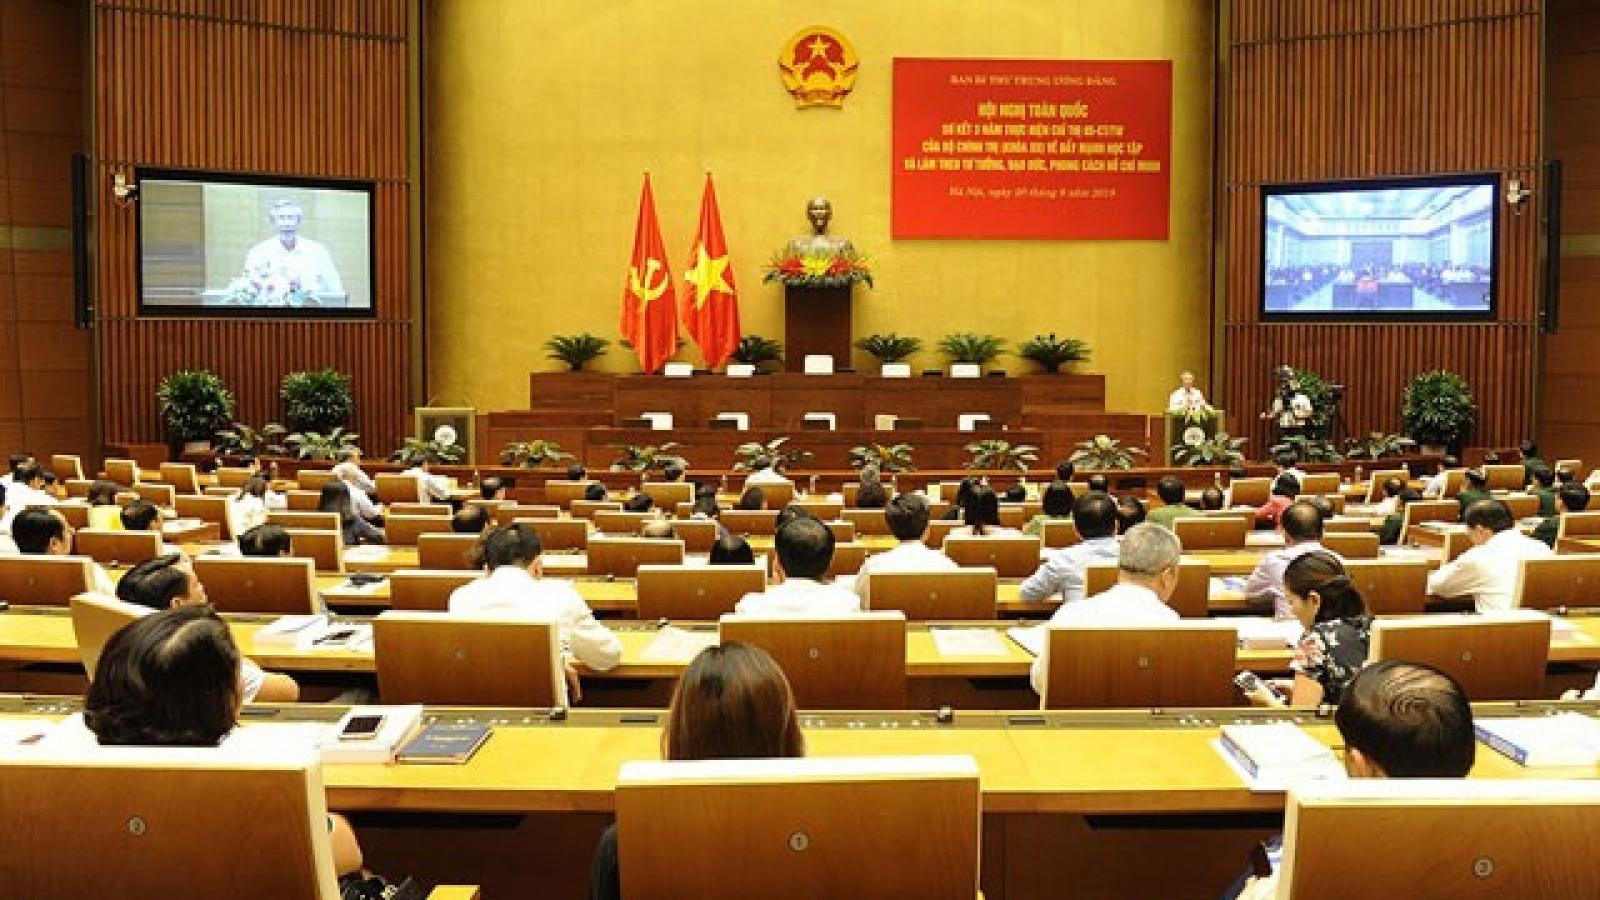 Đại hội Đảng và thách thức trục lợi chính sách